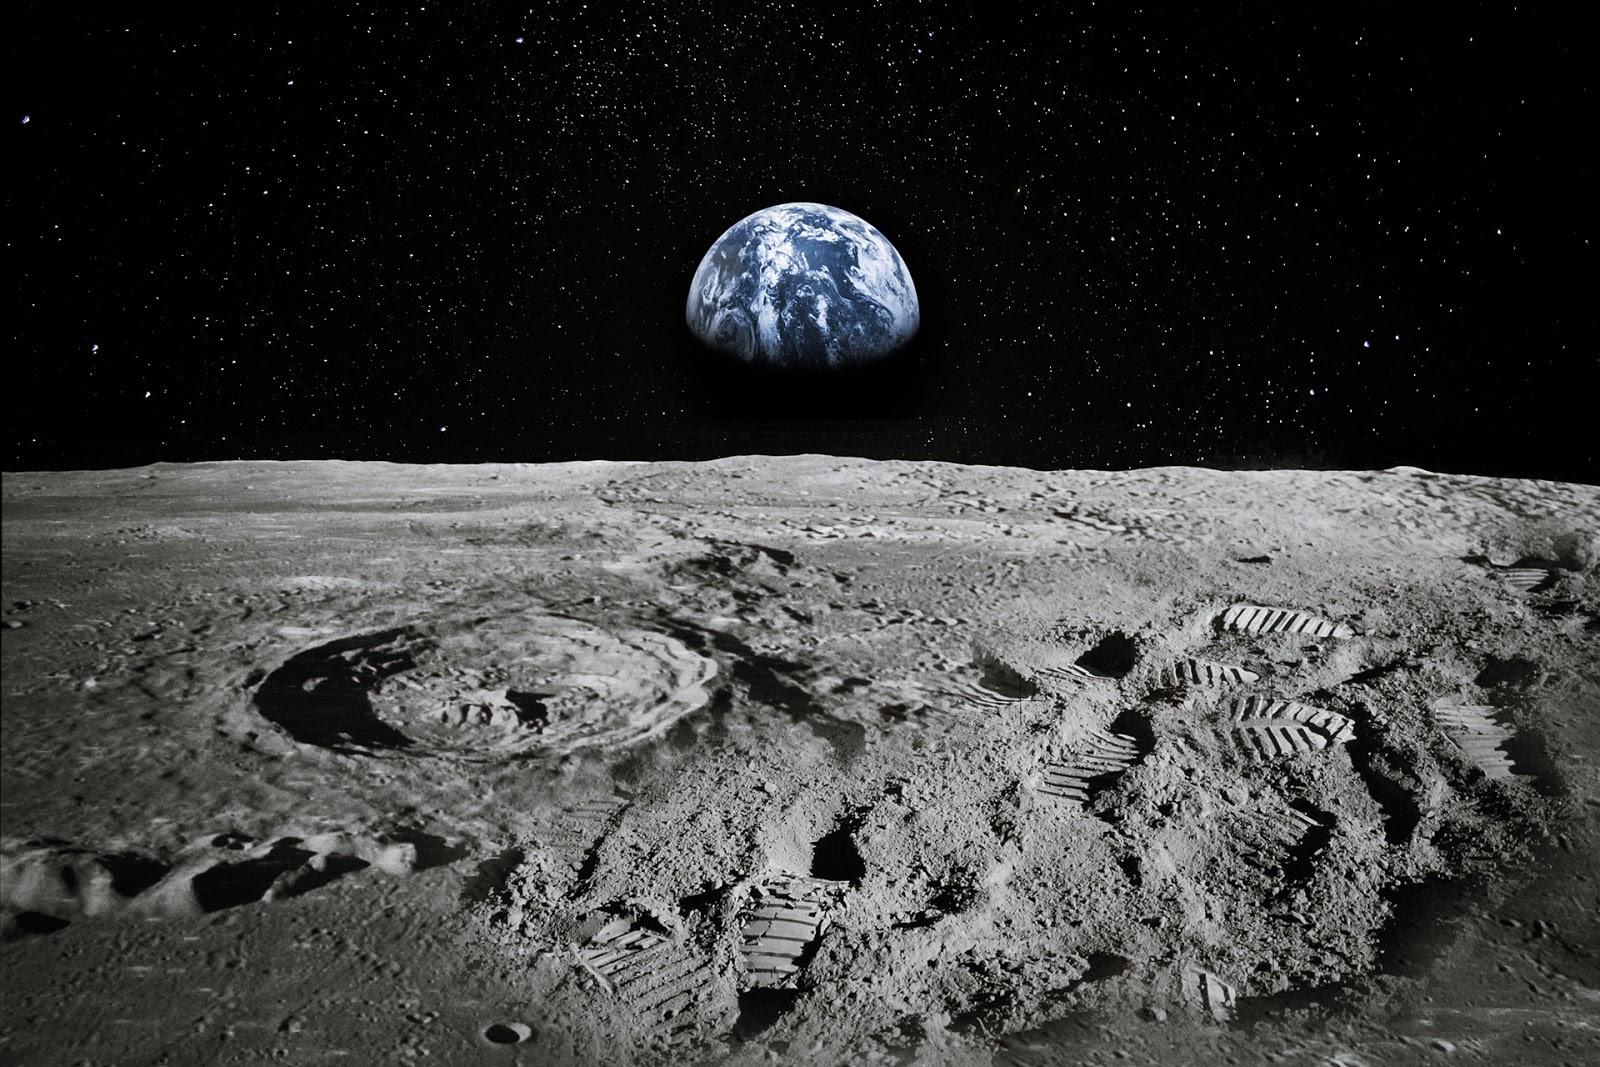 Трансформер на Луне  японцы планируют доставить мини-вездеход на спутник Земли в 2022 году